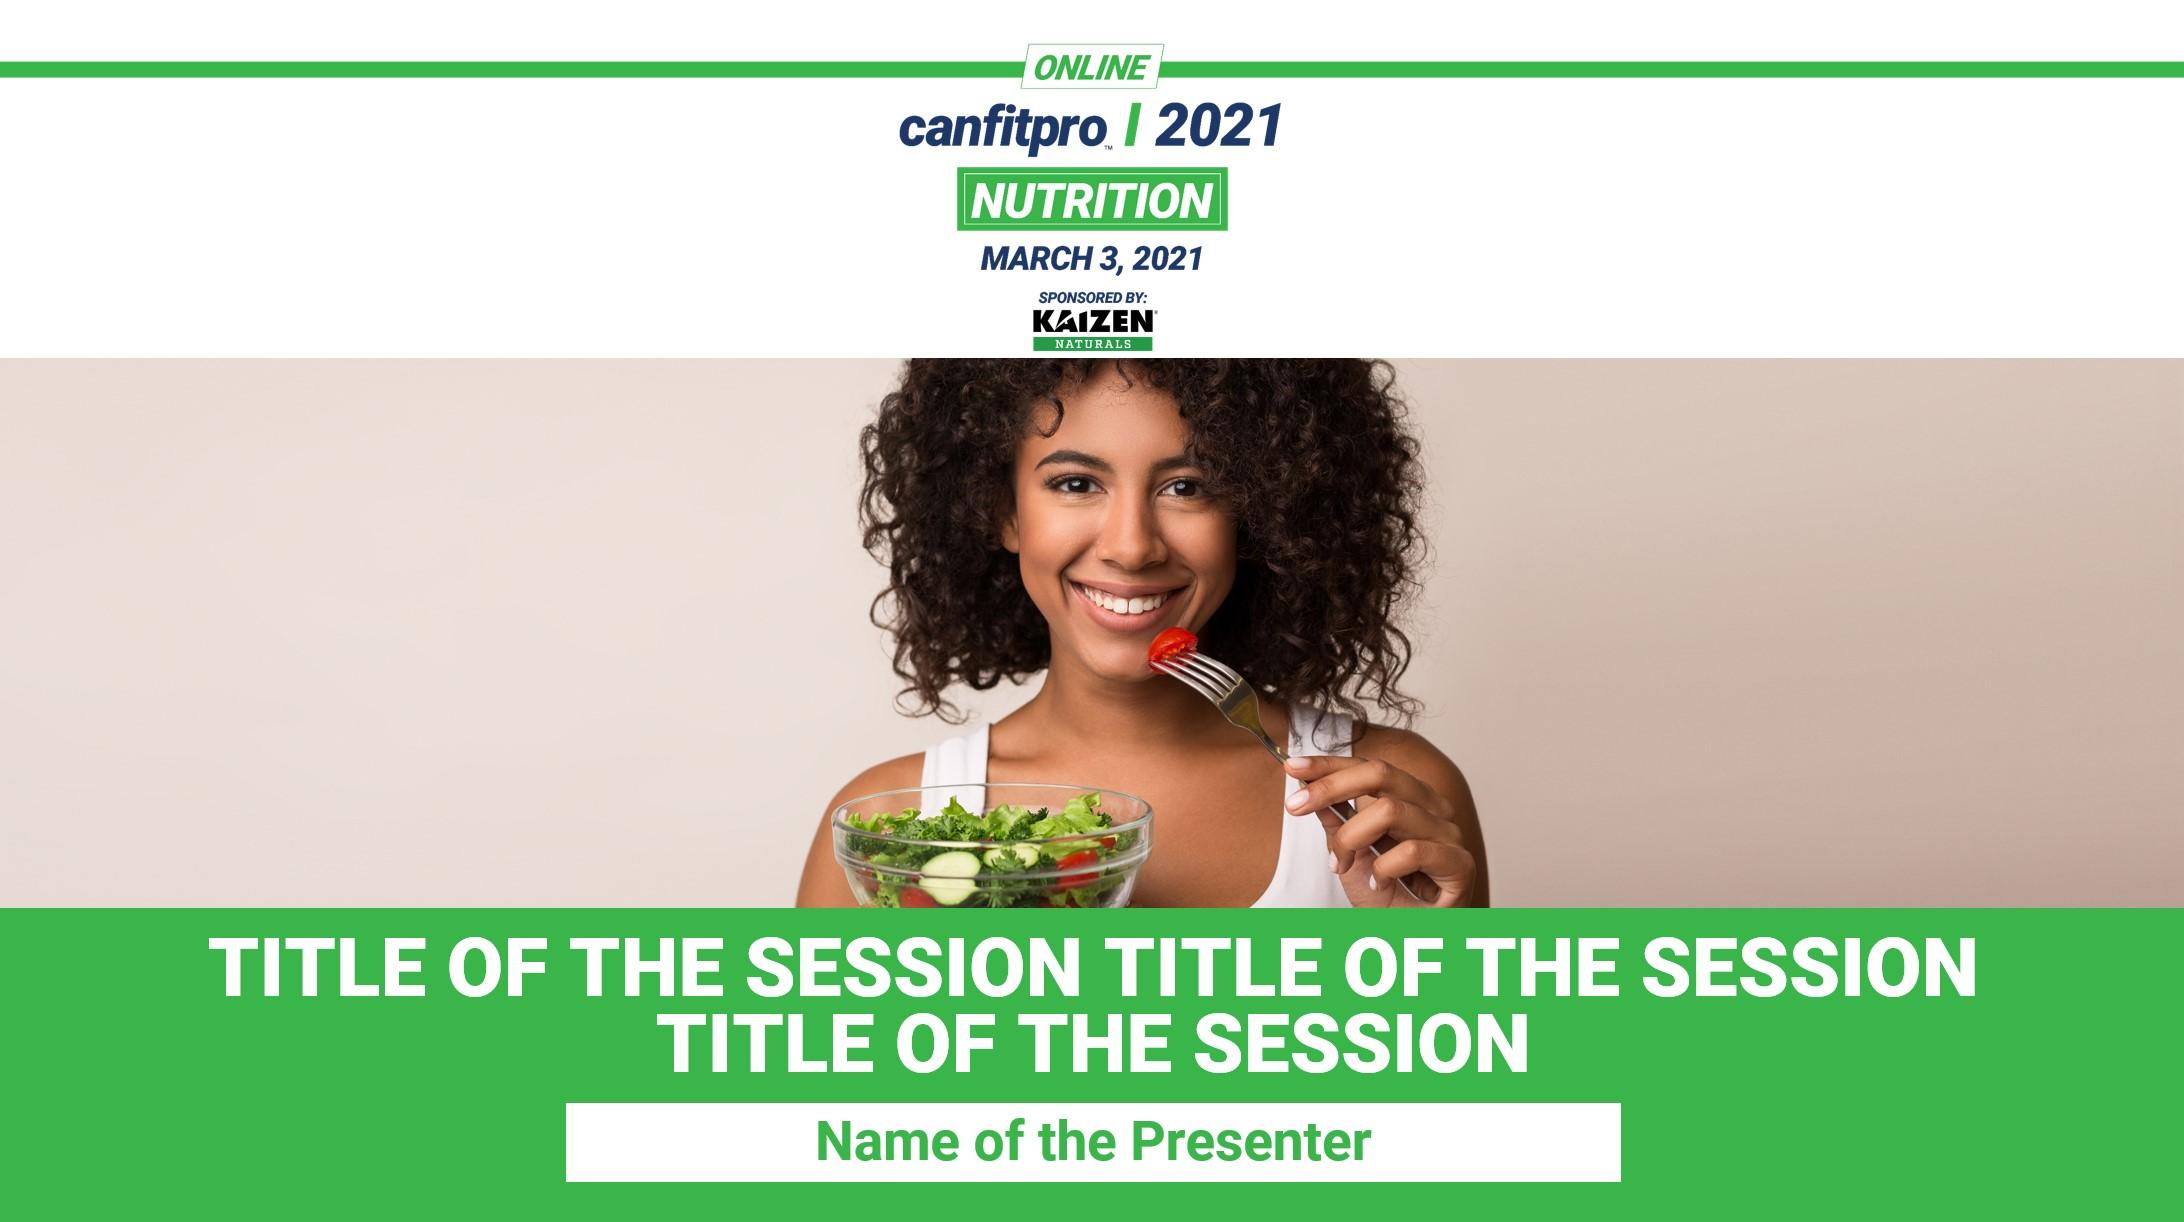 Nutrition event presenter slides